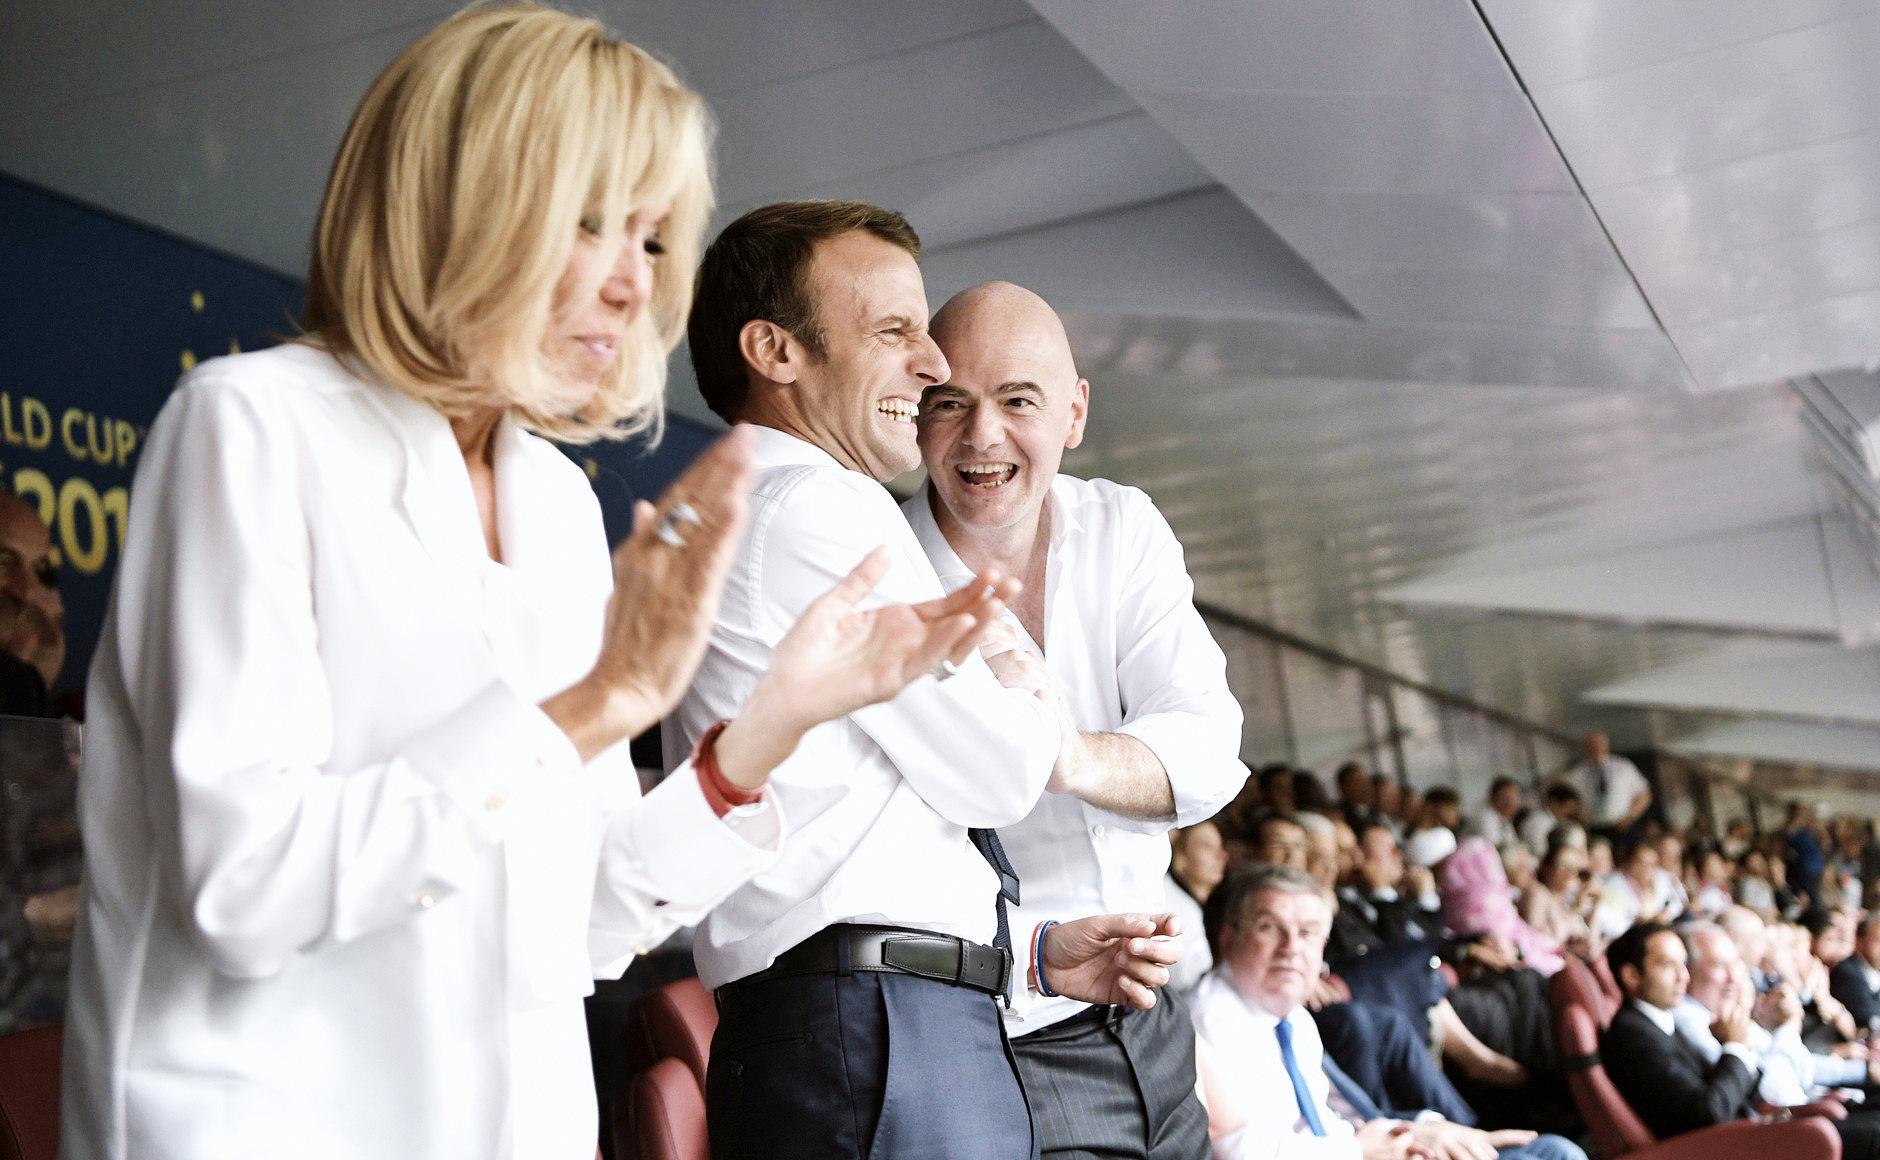 Супруга президента Франции Э.Макрона Бриджит, президент Франции Эмманюэль Макрон ипрезидент FIFA Джанни Инфантино